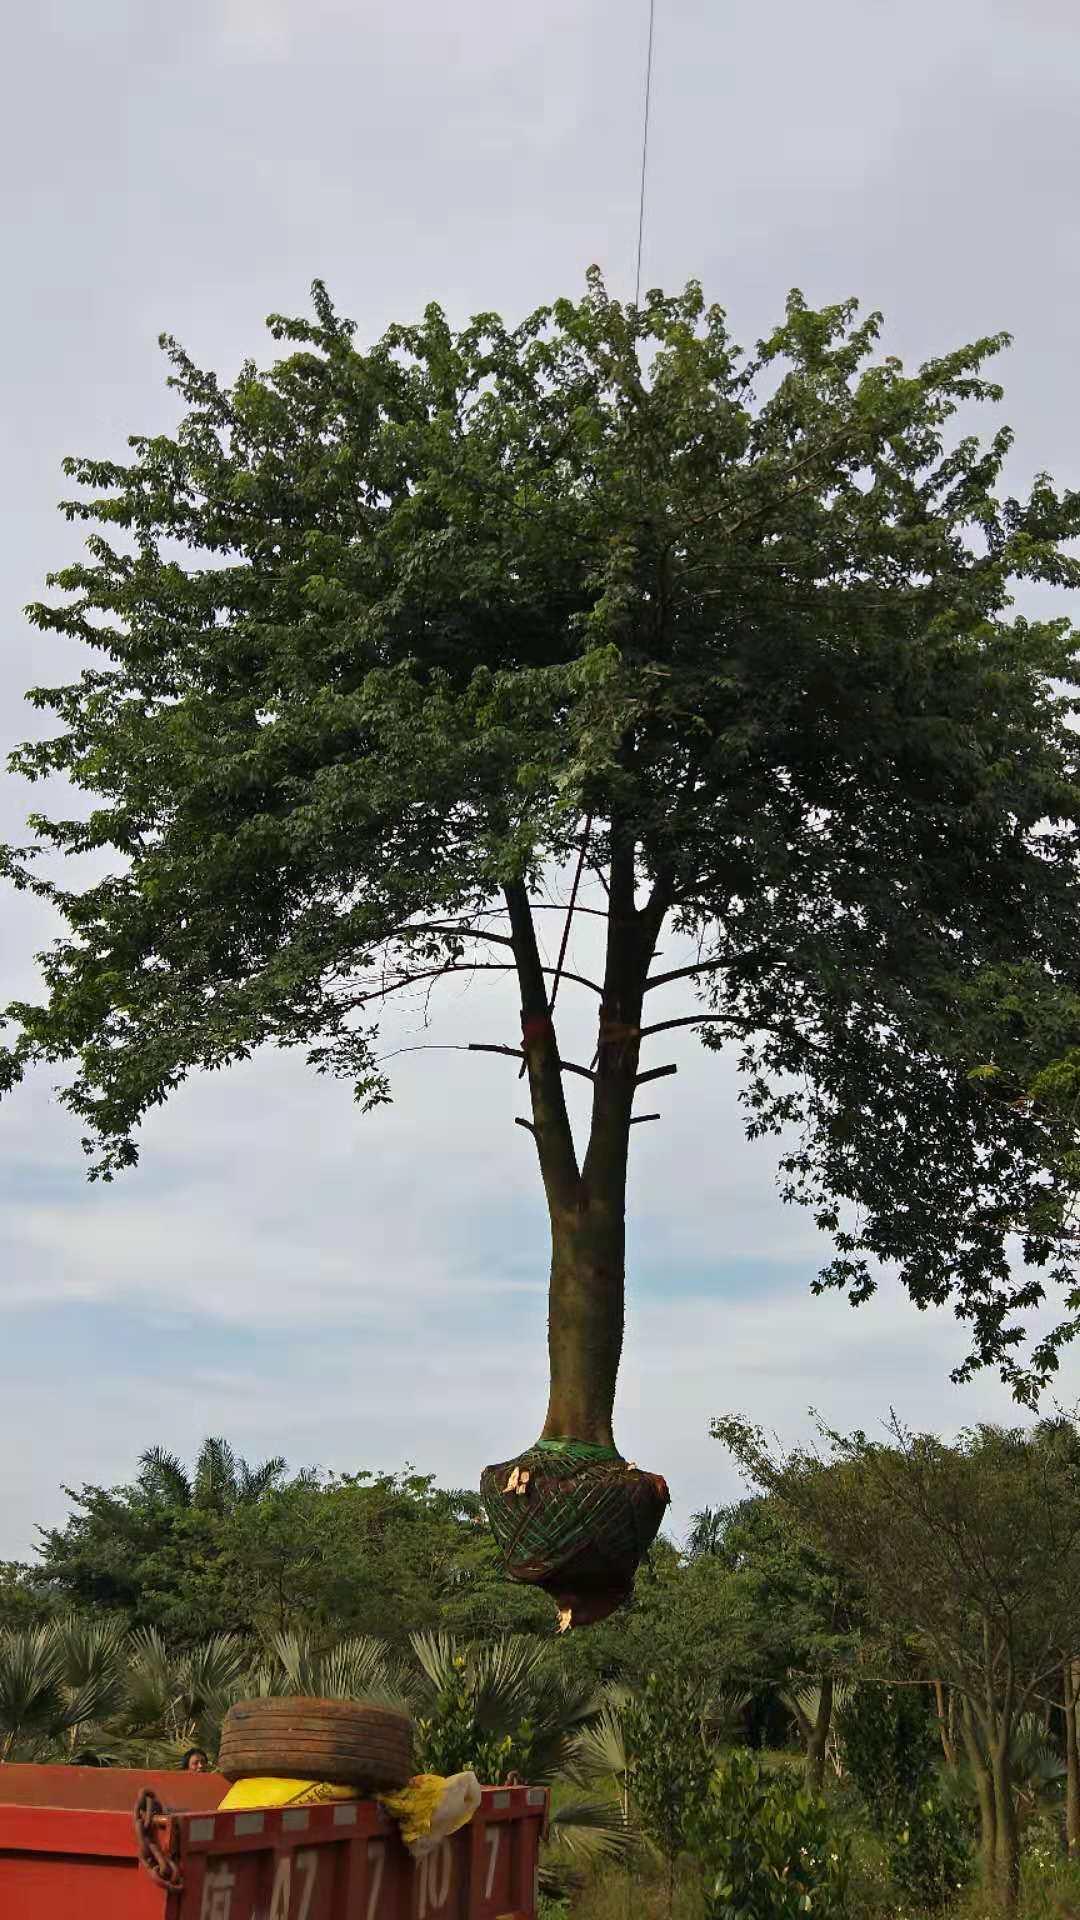 三亚木棉树 绿化植物 种植基地 基地直销 批发价格 优势供货商 电话地址报价 案例效果棉树